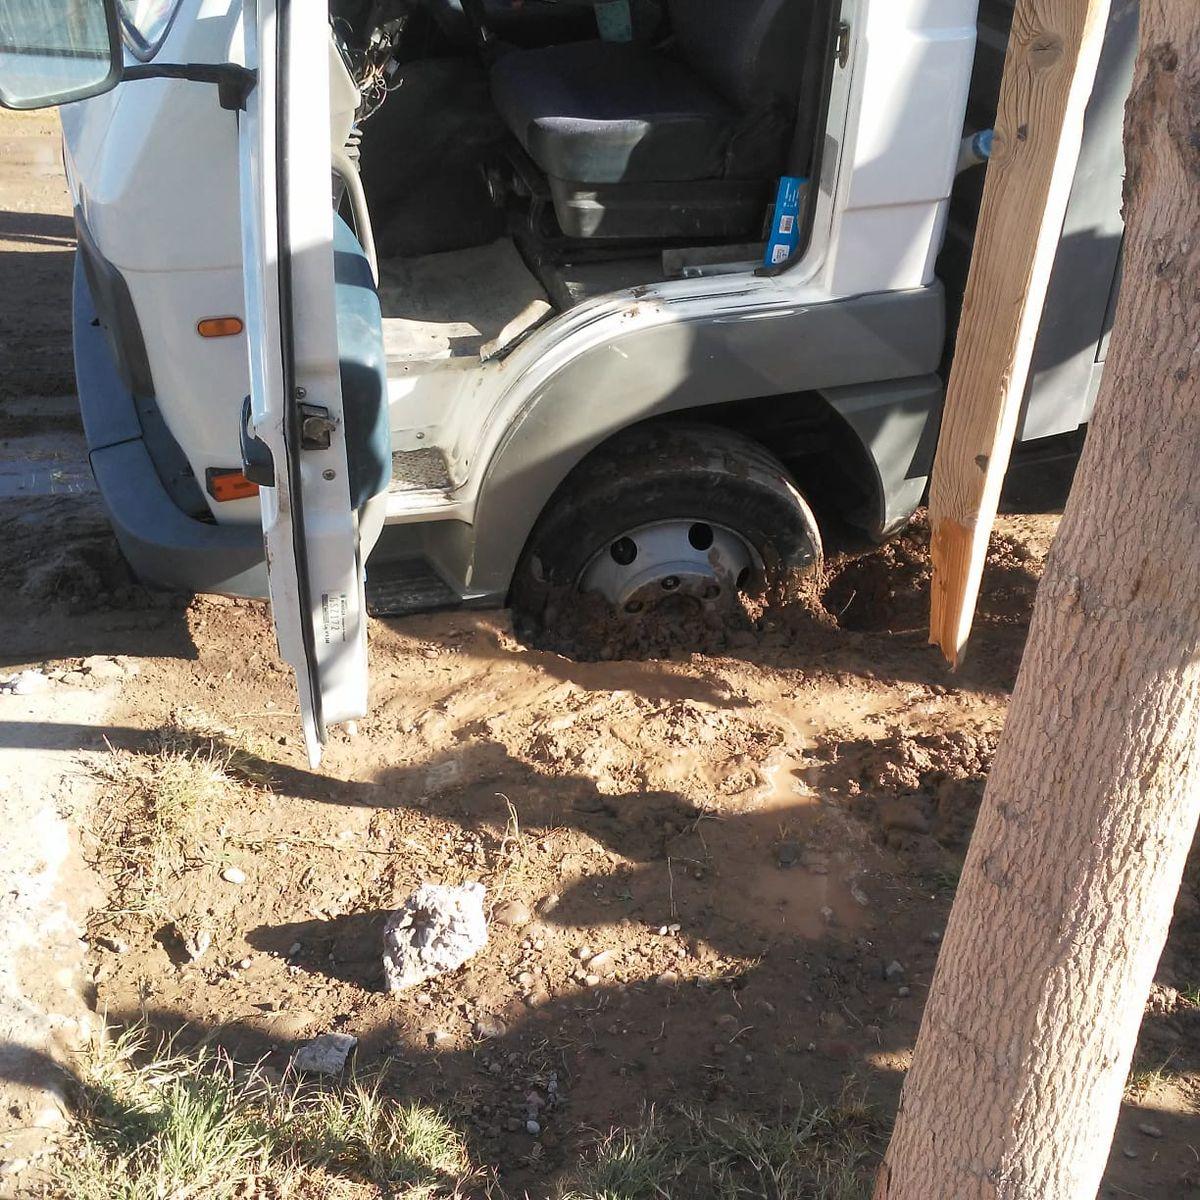 Se enterró en el pantano de una calle provocado por un caño roto